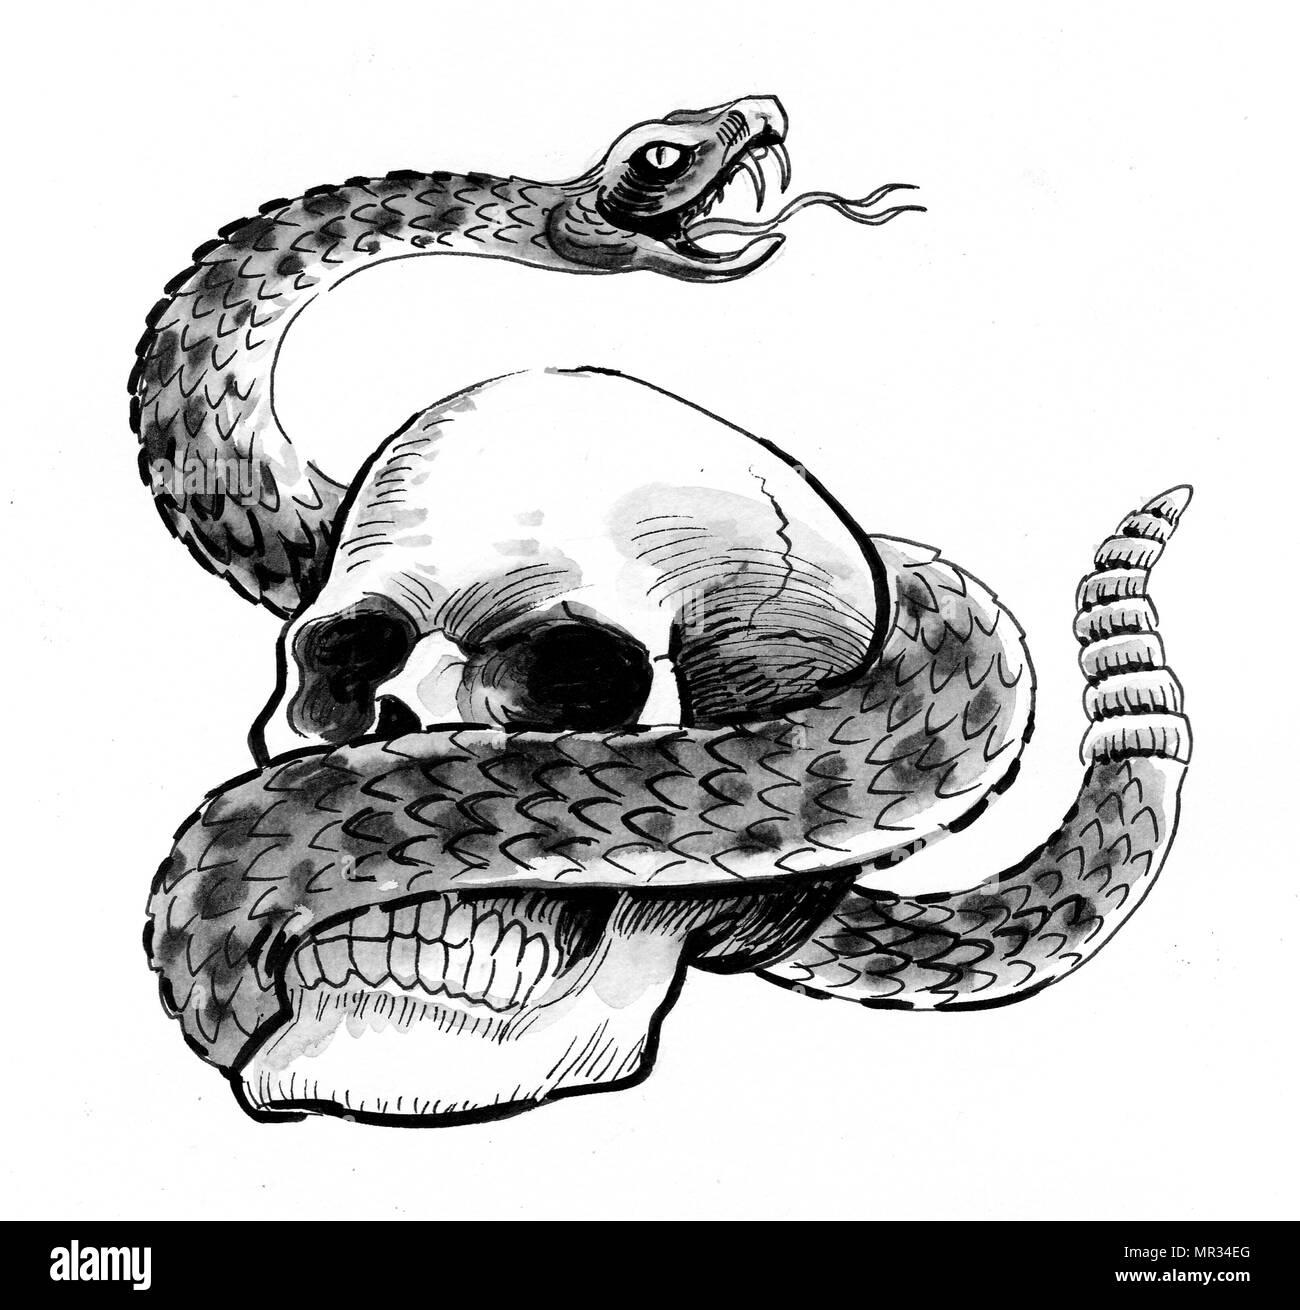 Cráneo Humano Y Sonajero De Serpiente Dibujo En Blanco Y Negro De